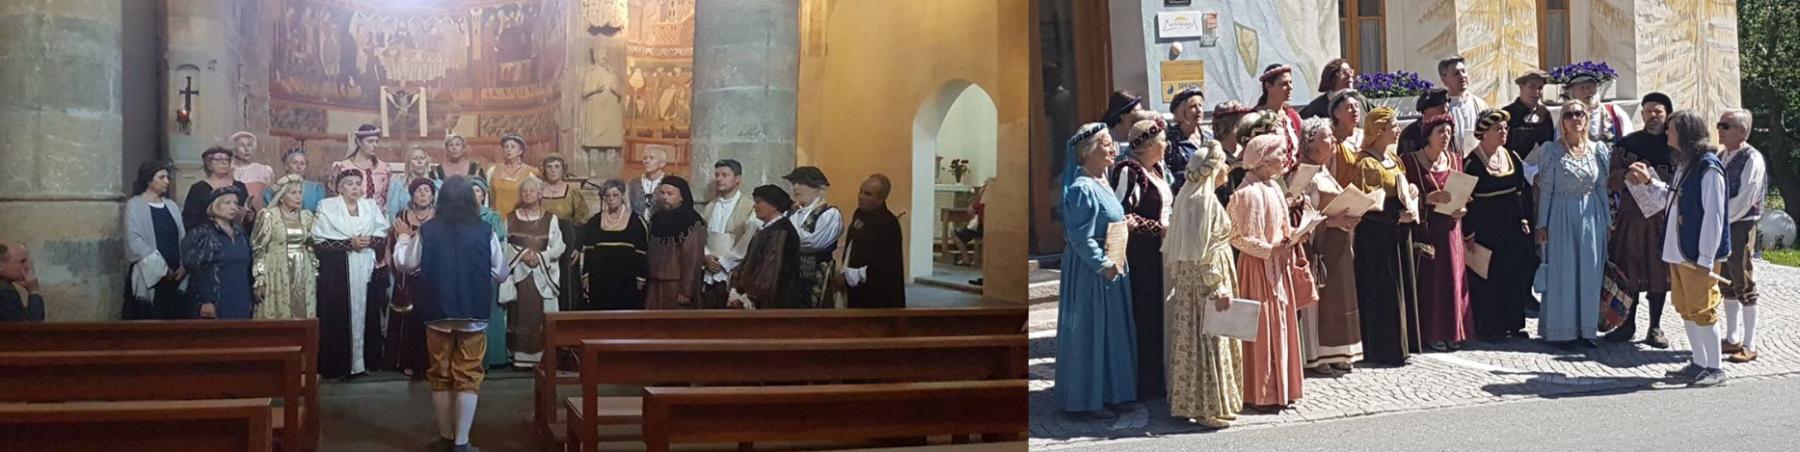 I Cantori del Borgo